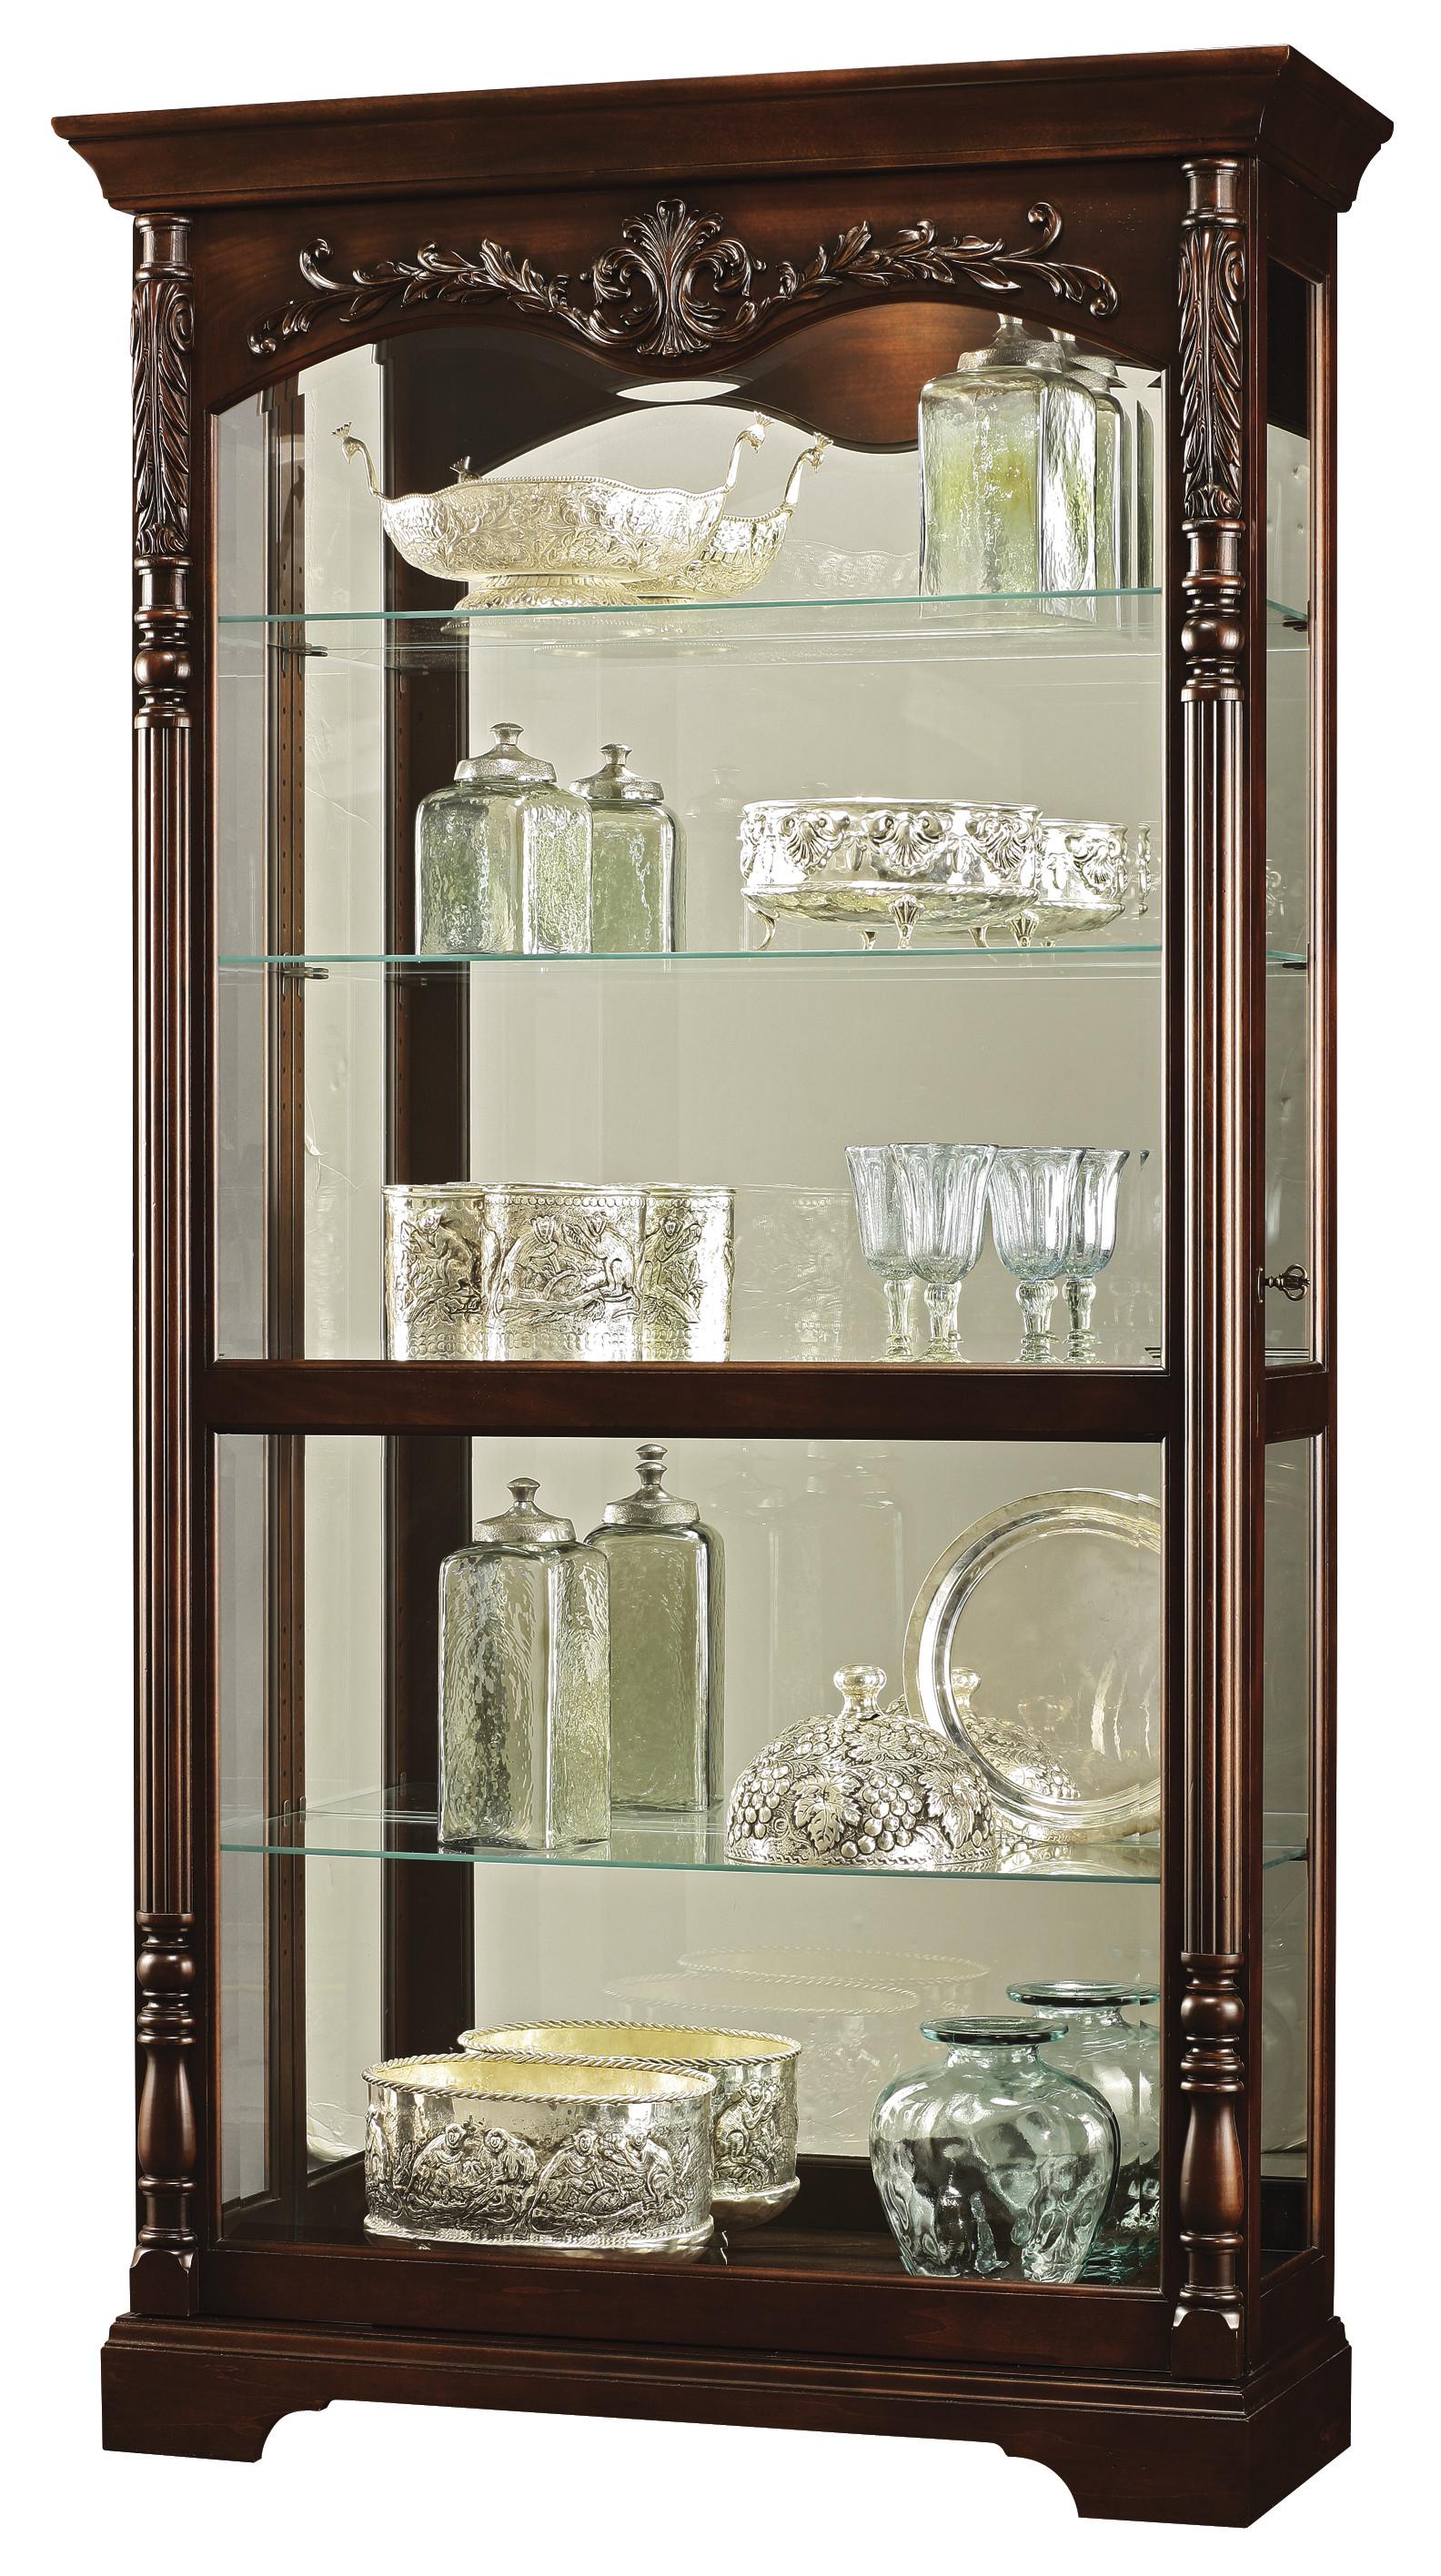 Felicia 680 497 Howard Miller Floor Curio Cabinet